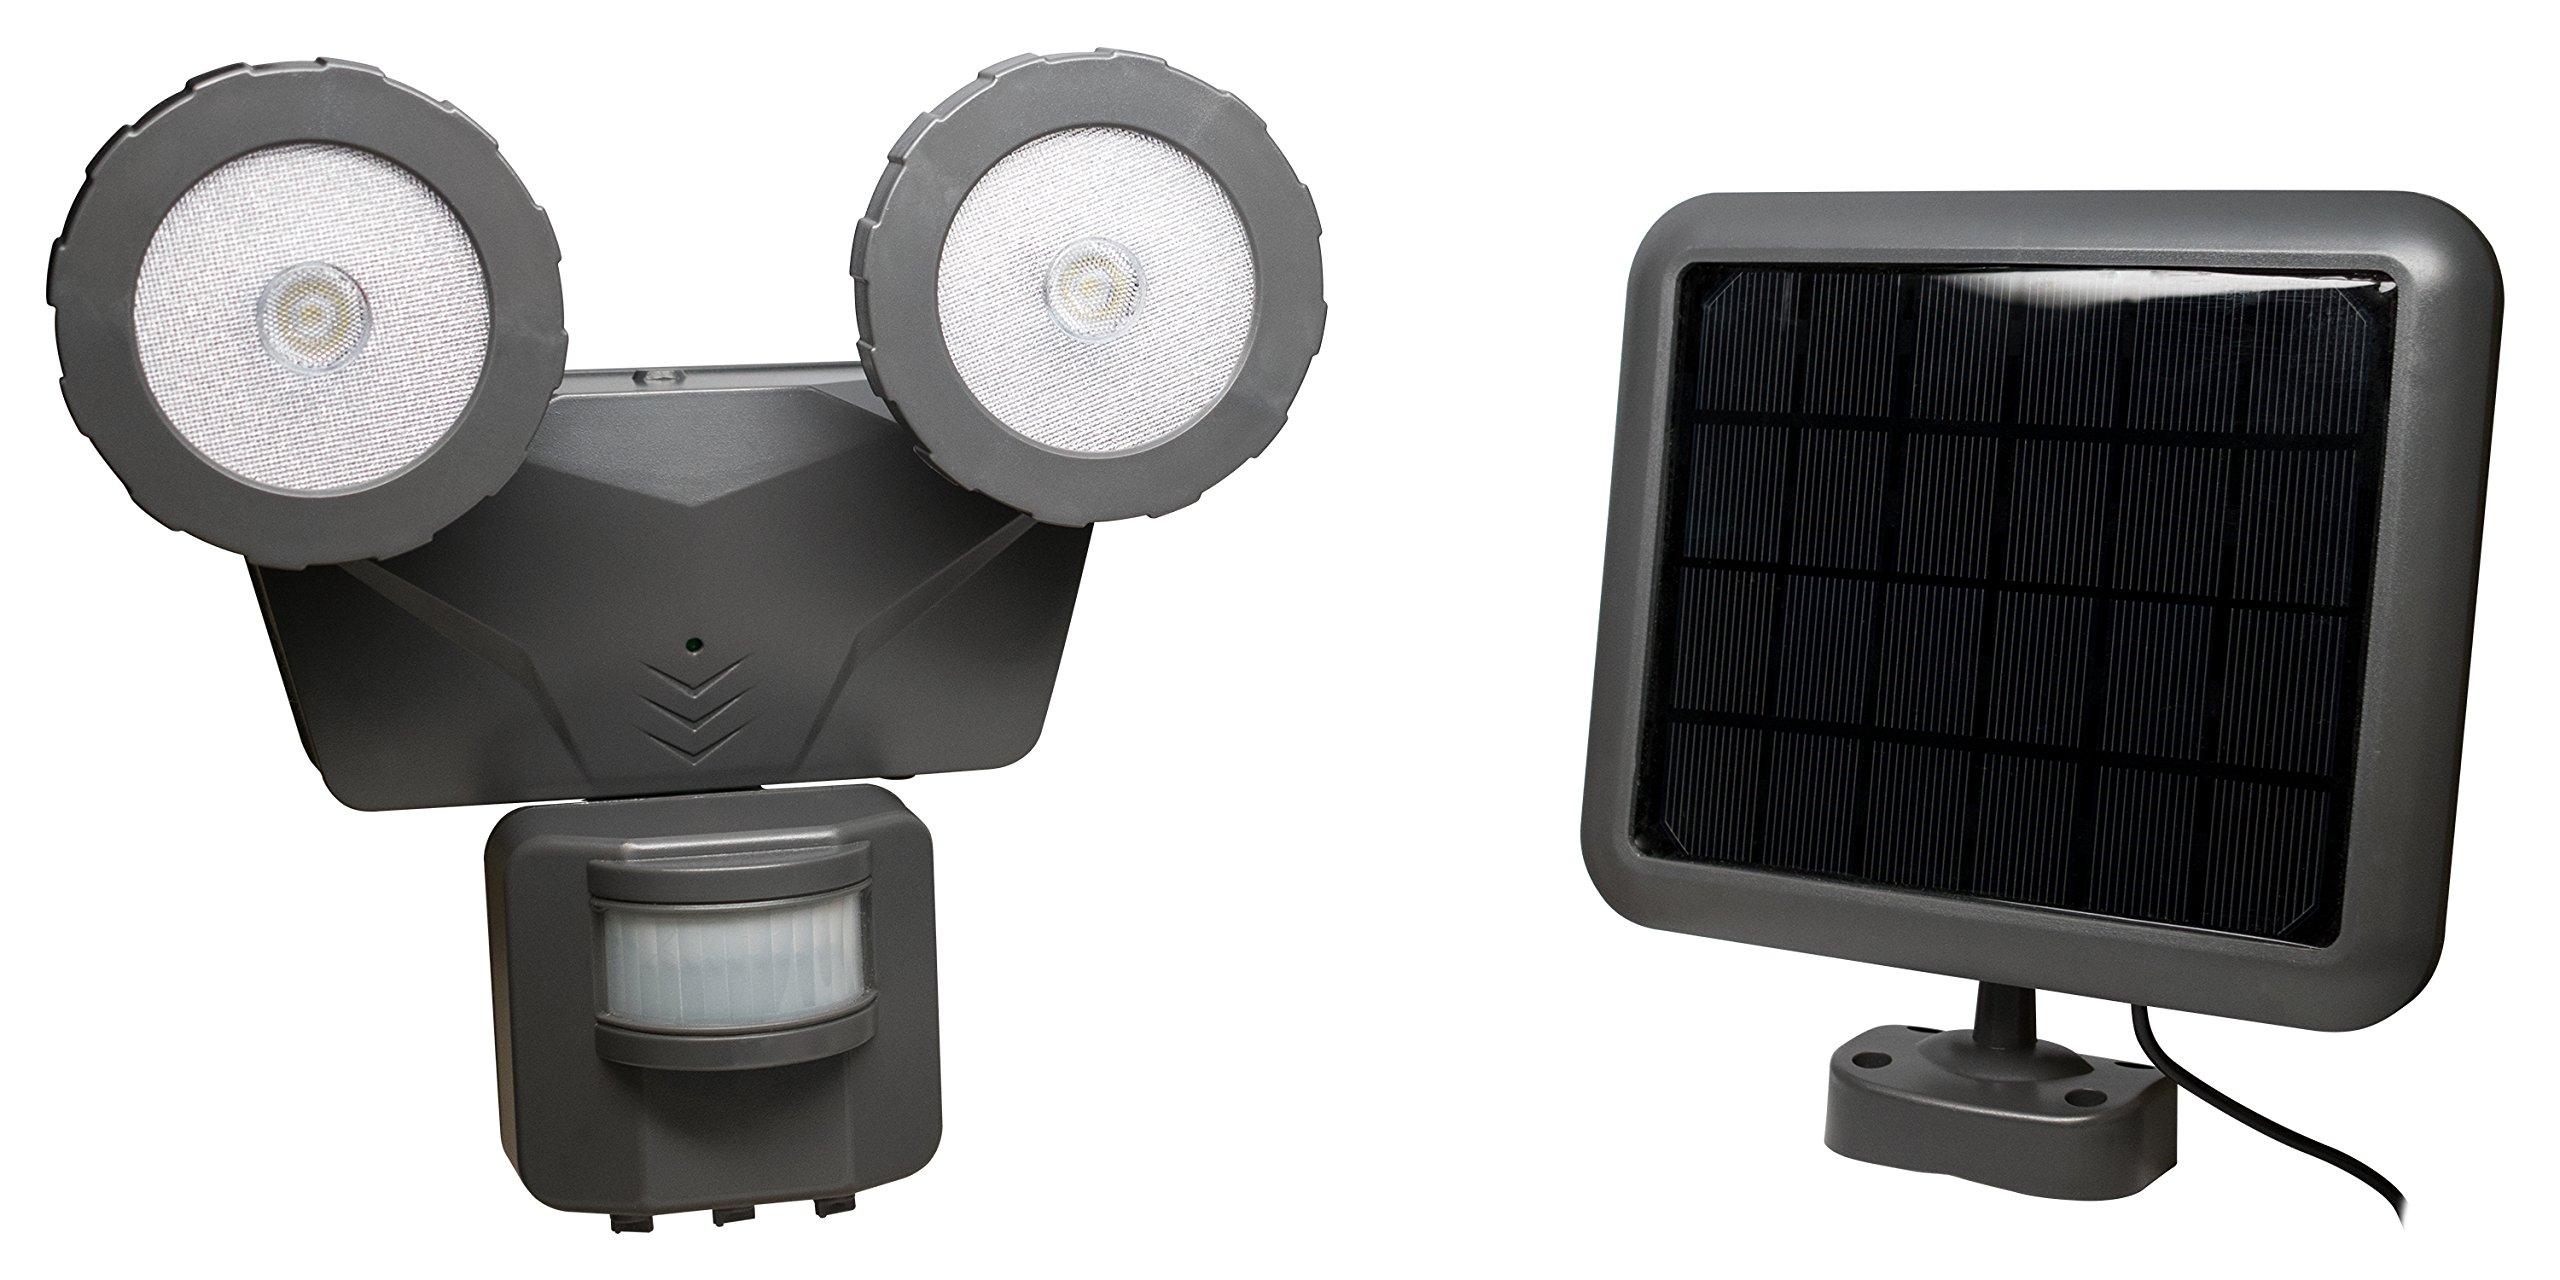 Novolink NL-DSG2 160° Outdoor 500 lm Solar LED Motion Activated Light, Dark Grey by Novolink